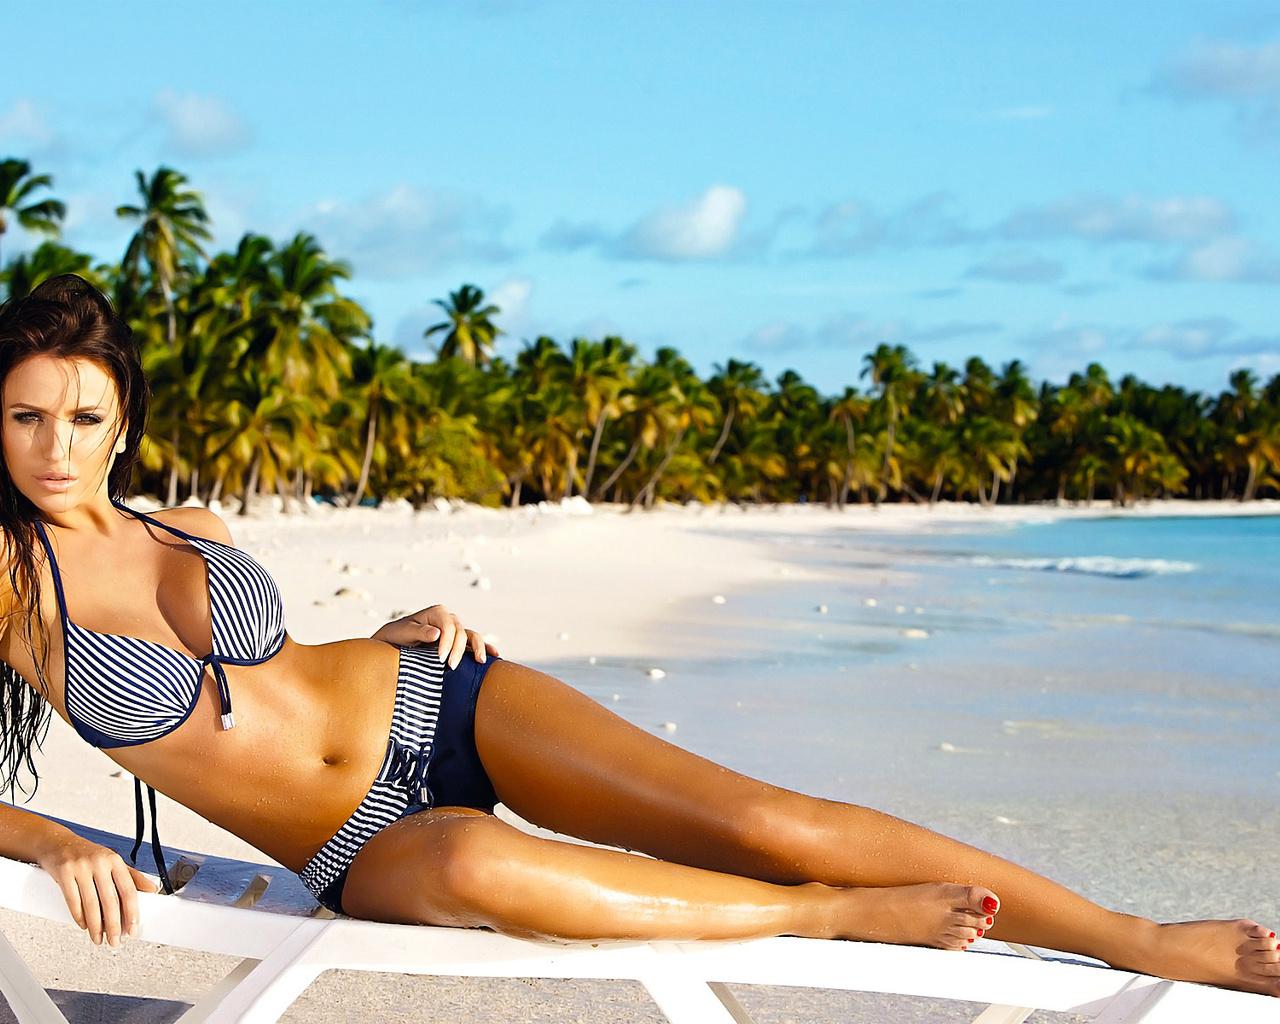 Смотреть фото женщины в купальниках на море, Девушки в прозрачных купальниках на пляже 3 фотография